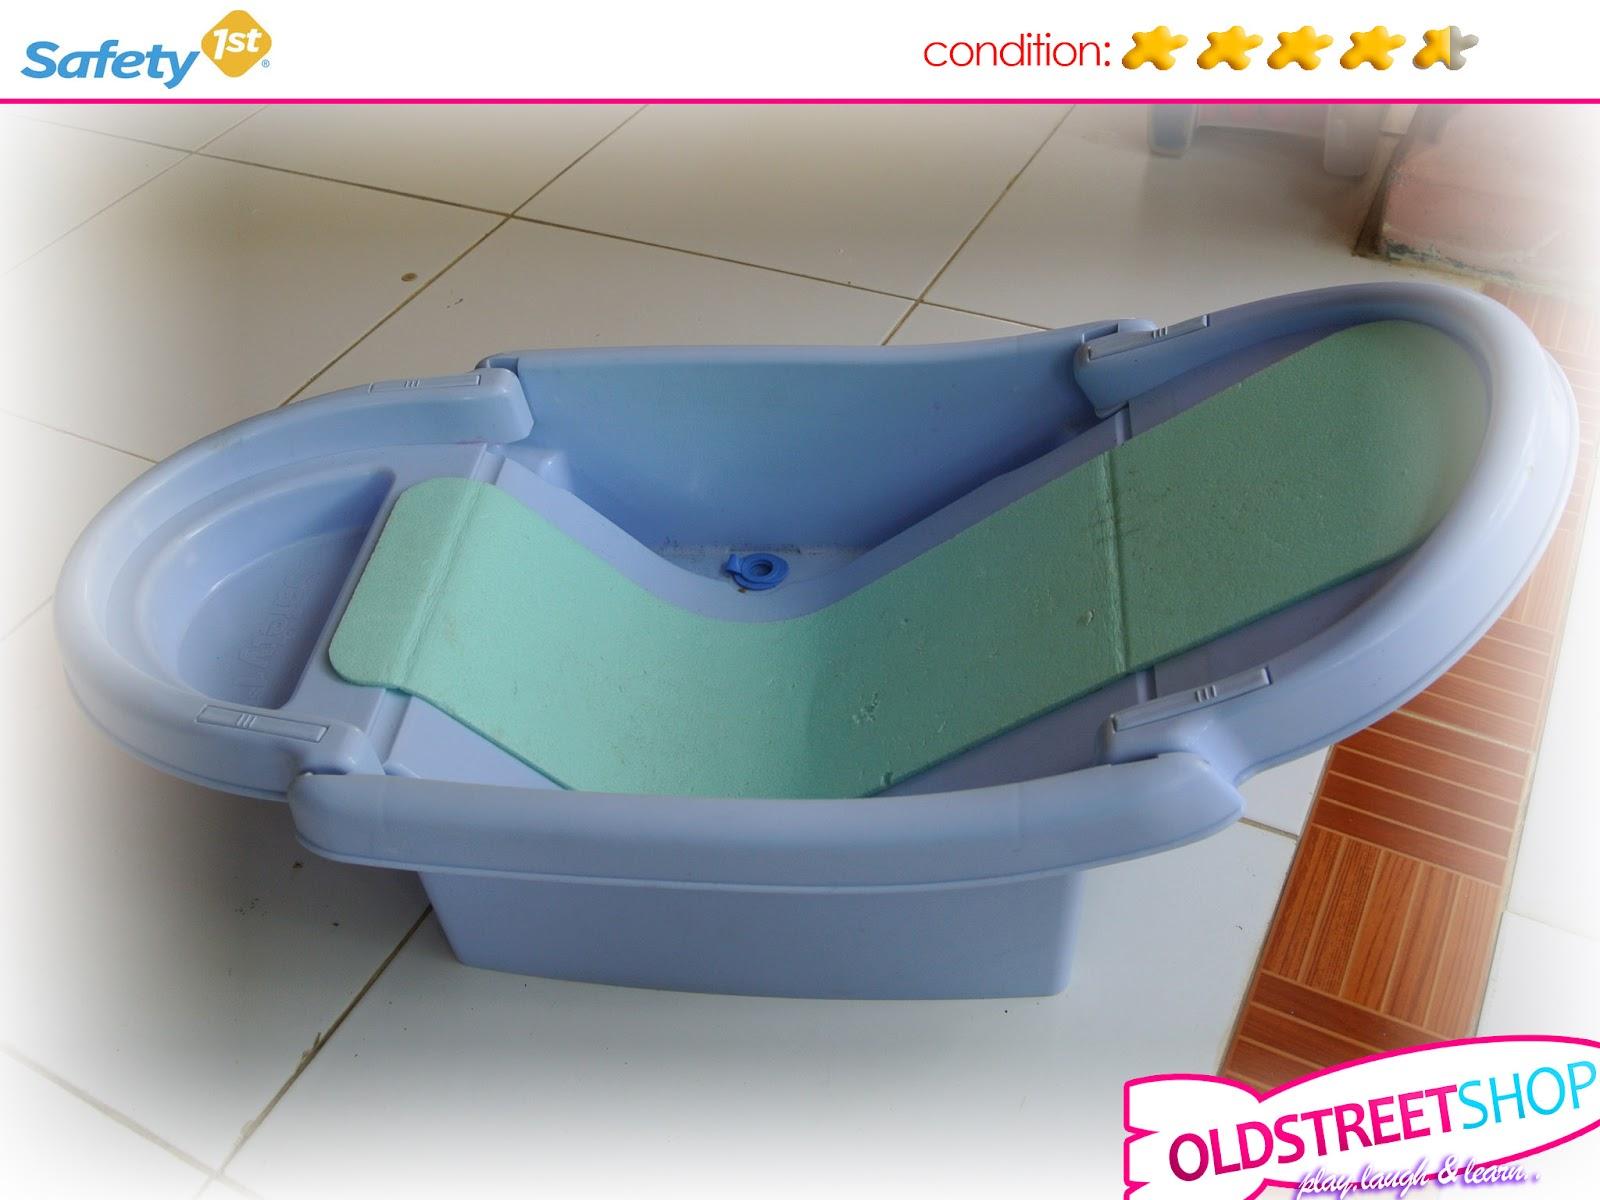 oldstreetshop safety first foldable bath tub. Black Bedroom Furniture Sets. Home Design Ideas